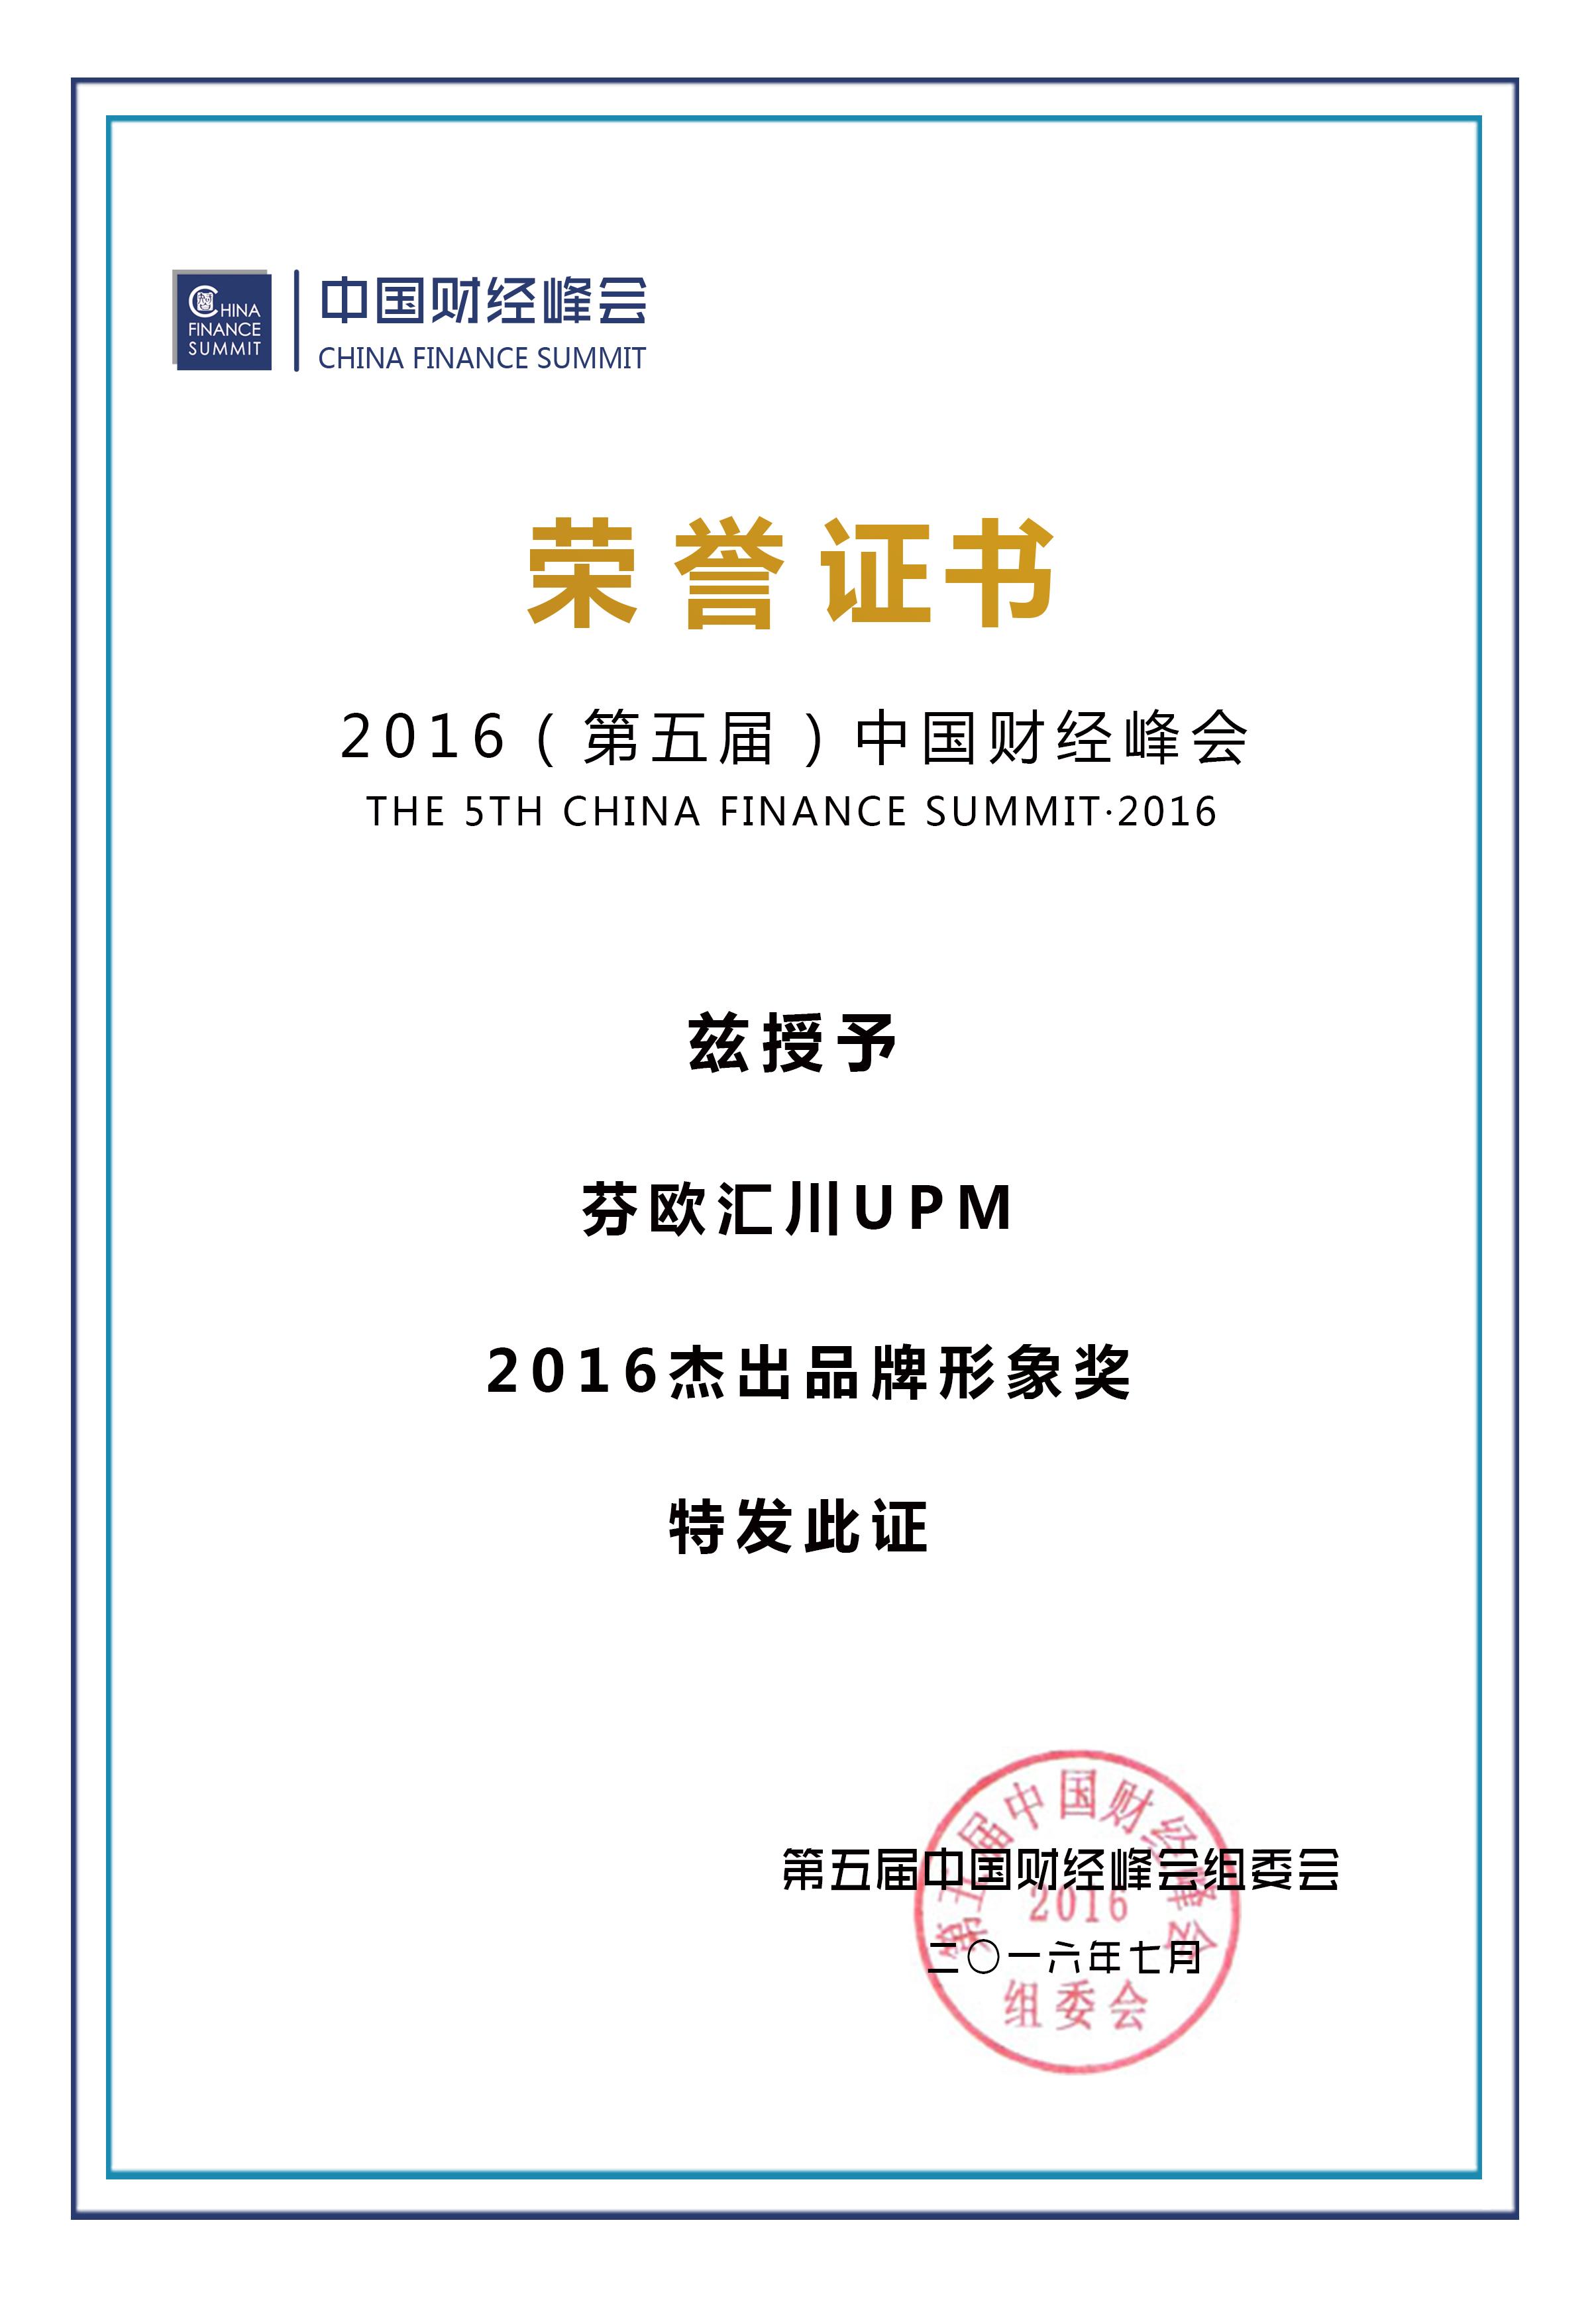 芬欧汇川UPM_2016杰出品牌形象奖获奖证书.jpg